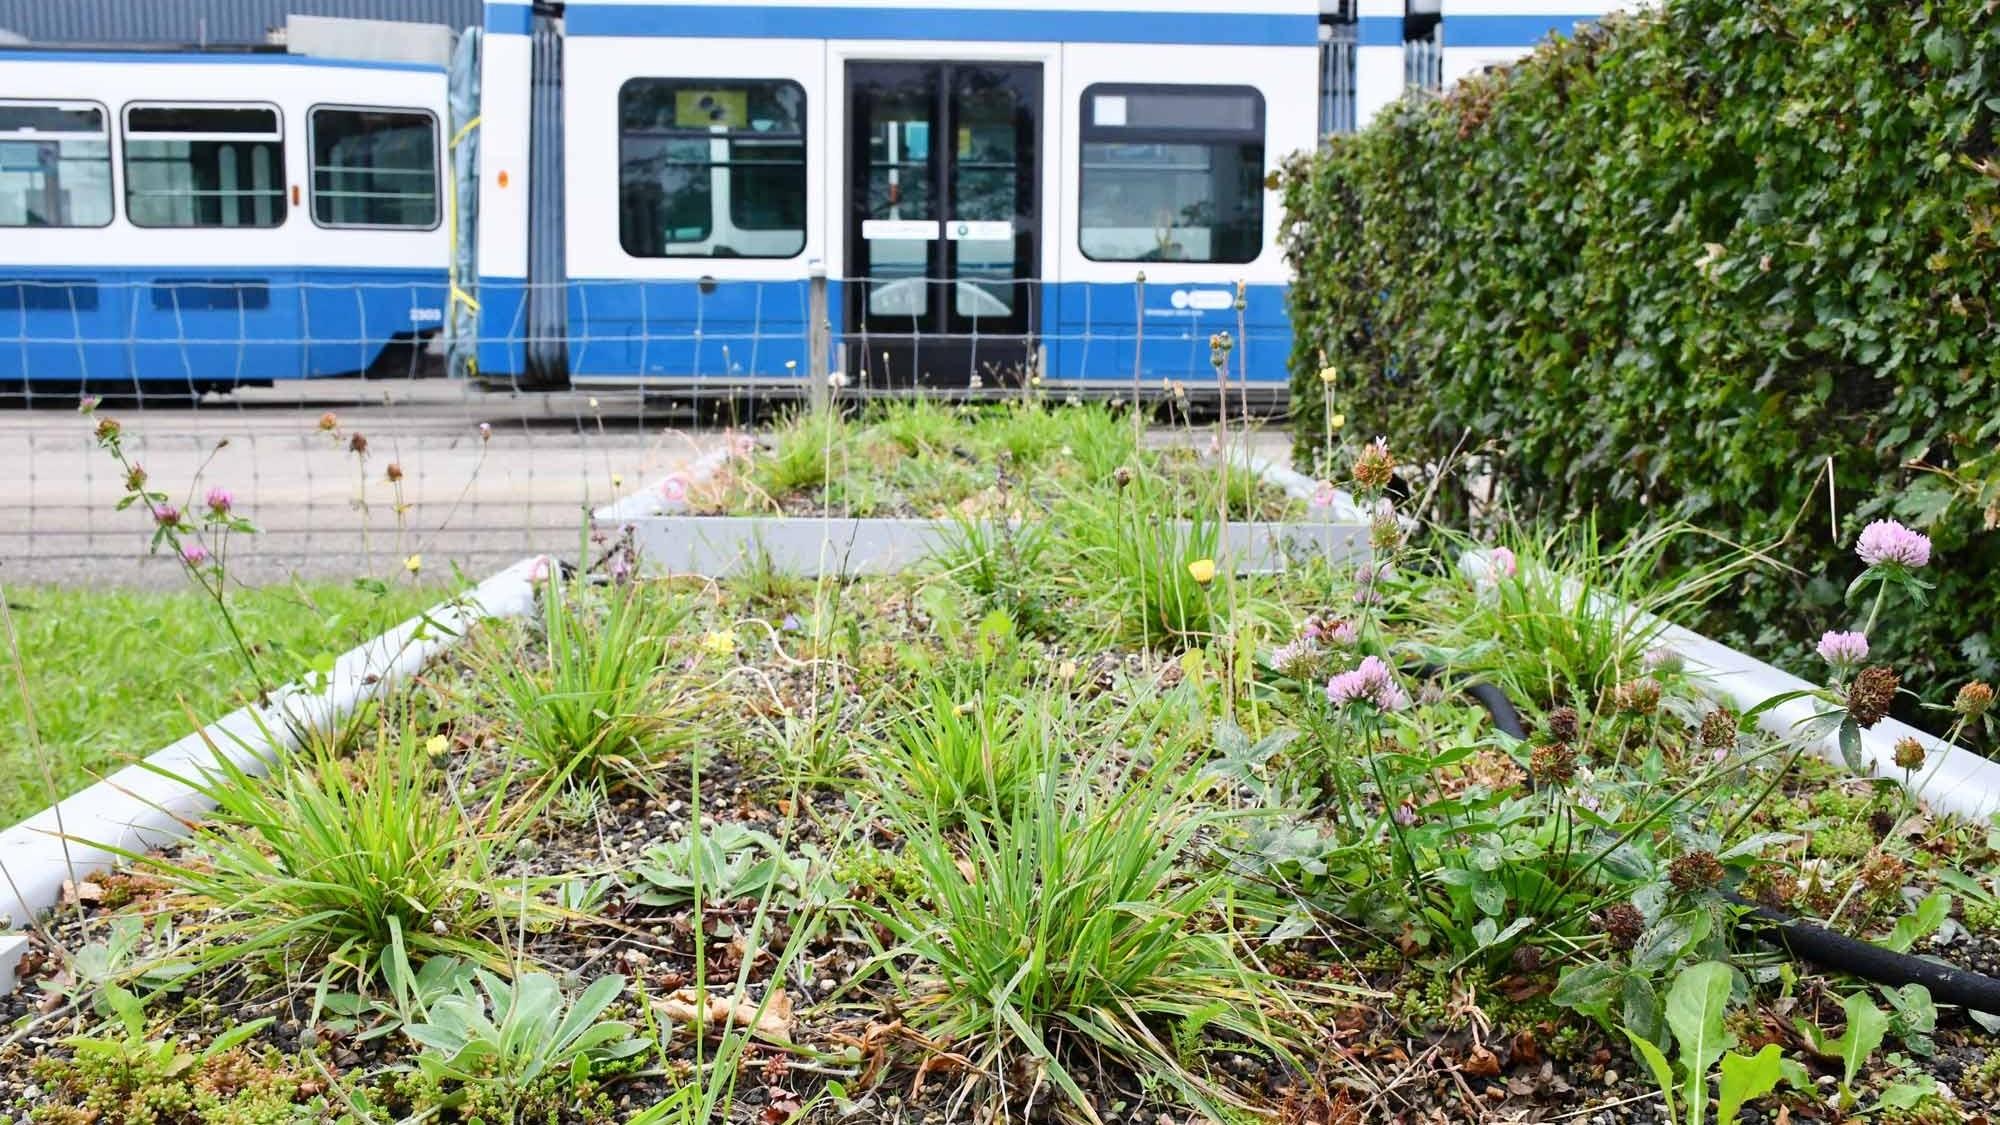 Pflanzentröge für VBZ-Tramhaltestellen in Zürich